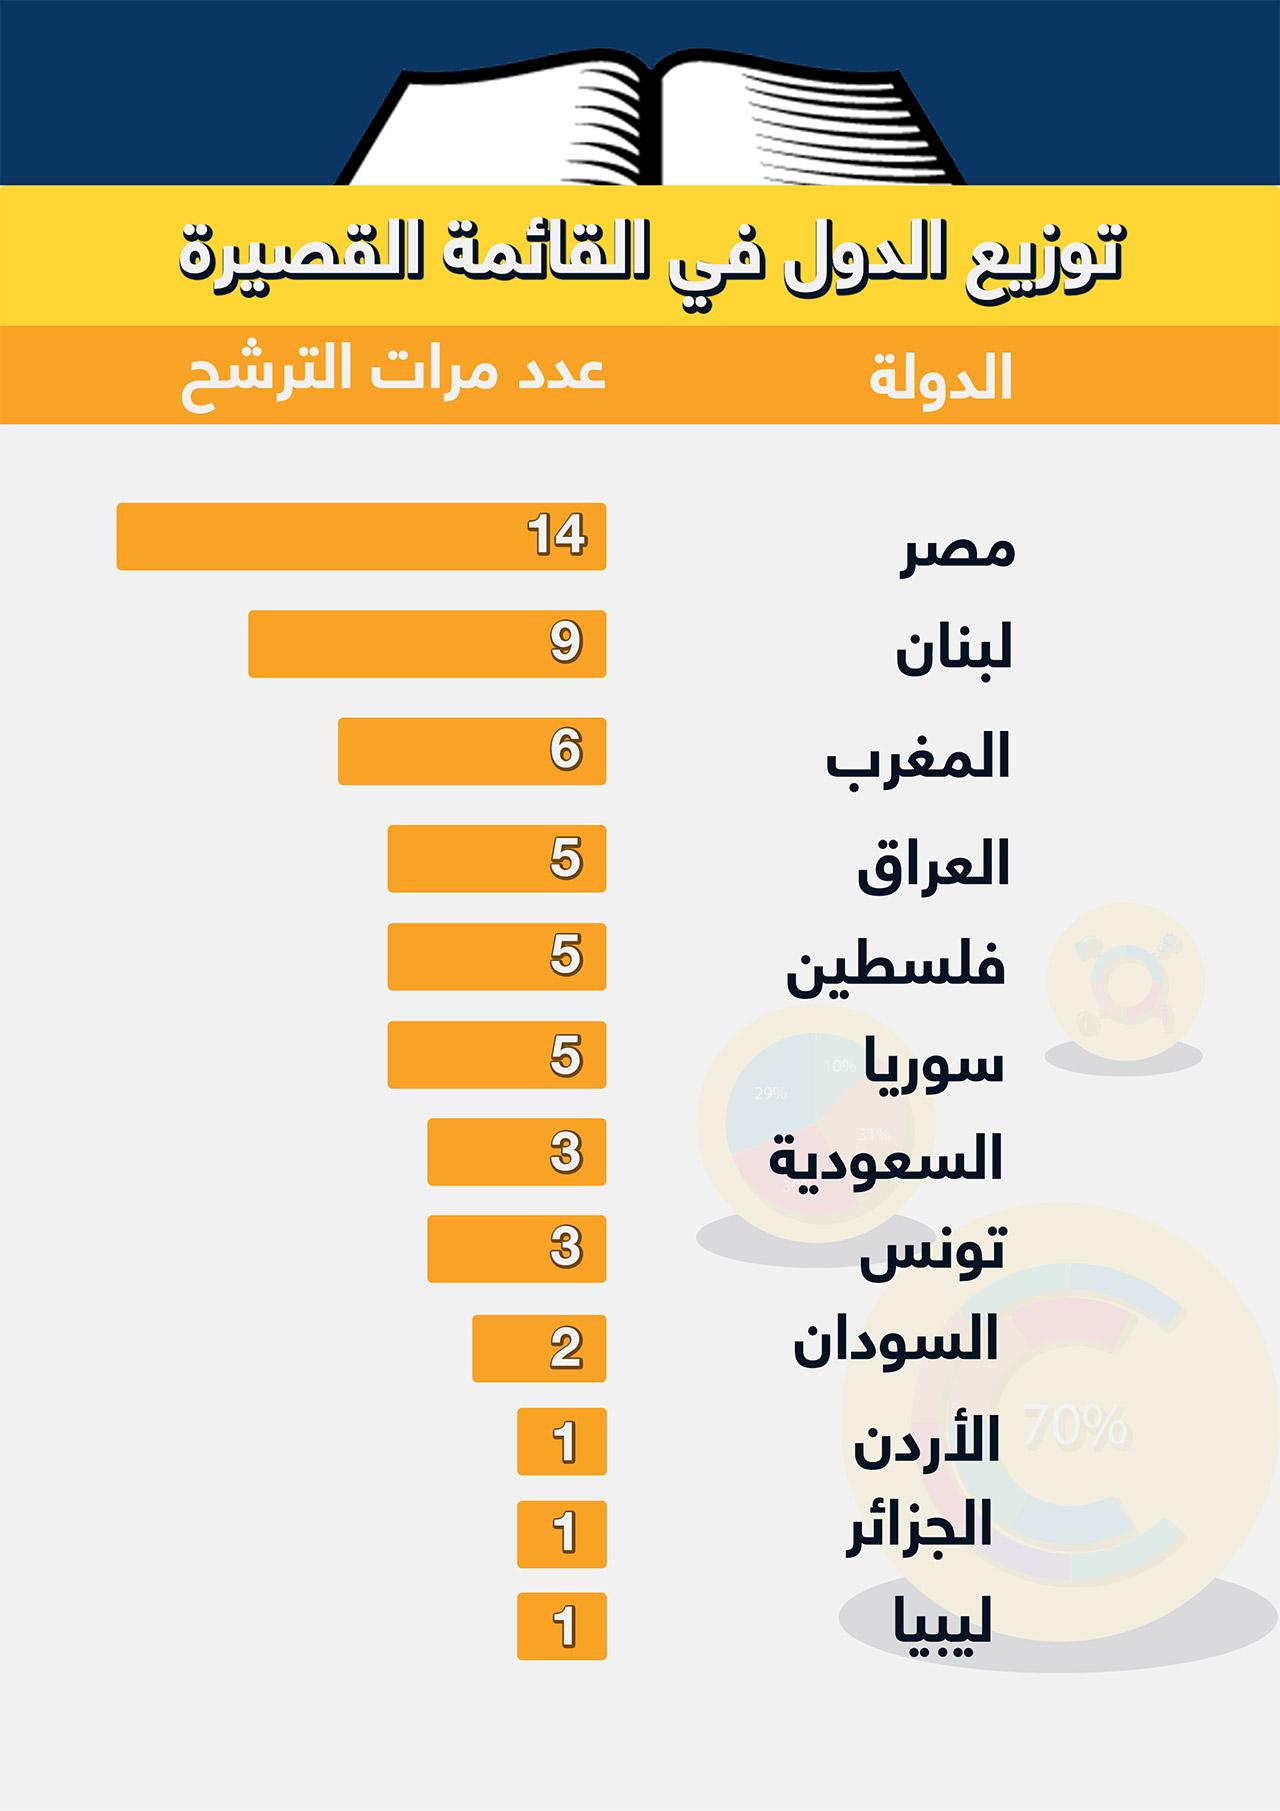 جائزة البوكر، الدول في القائمة القصيرة